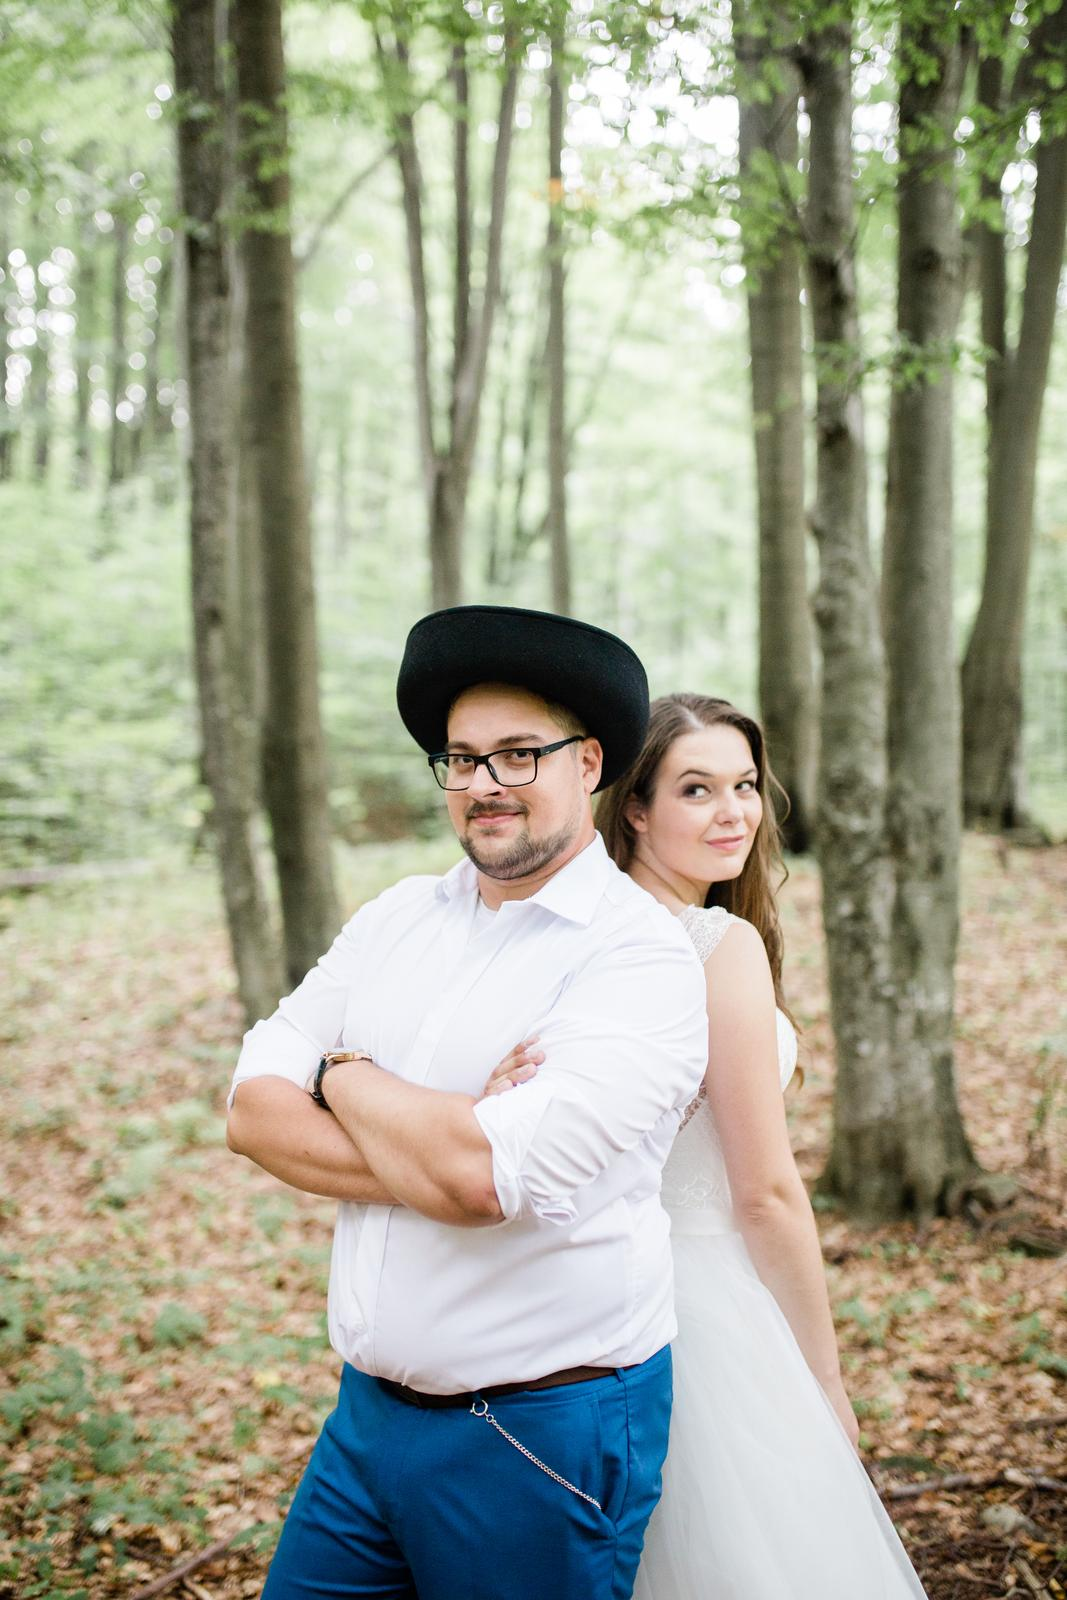 Nádherné svadobné fotenie Lenky a Stana na Morskom oku - Obrázok č. 12